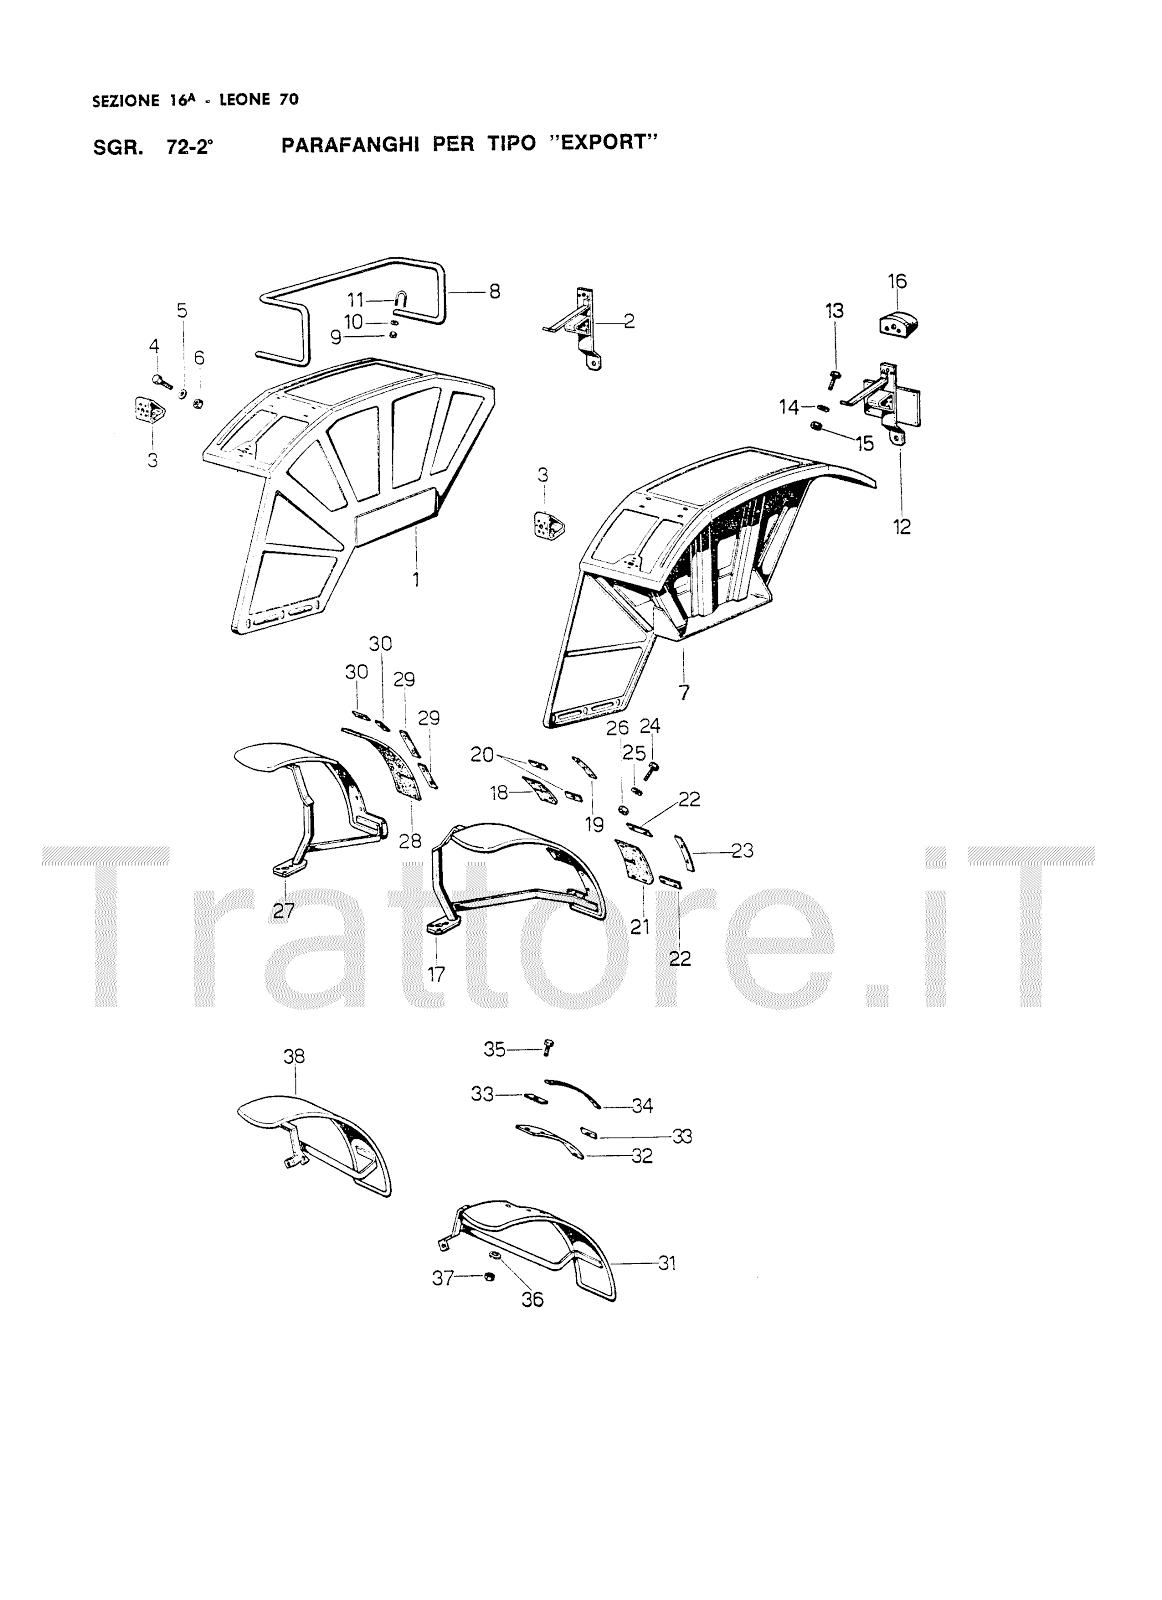 InfoTrattore.it: Manuale (esploso meccanico) per Trattore